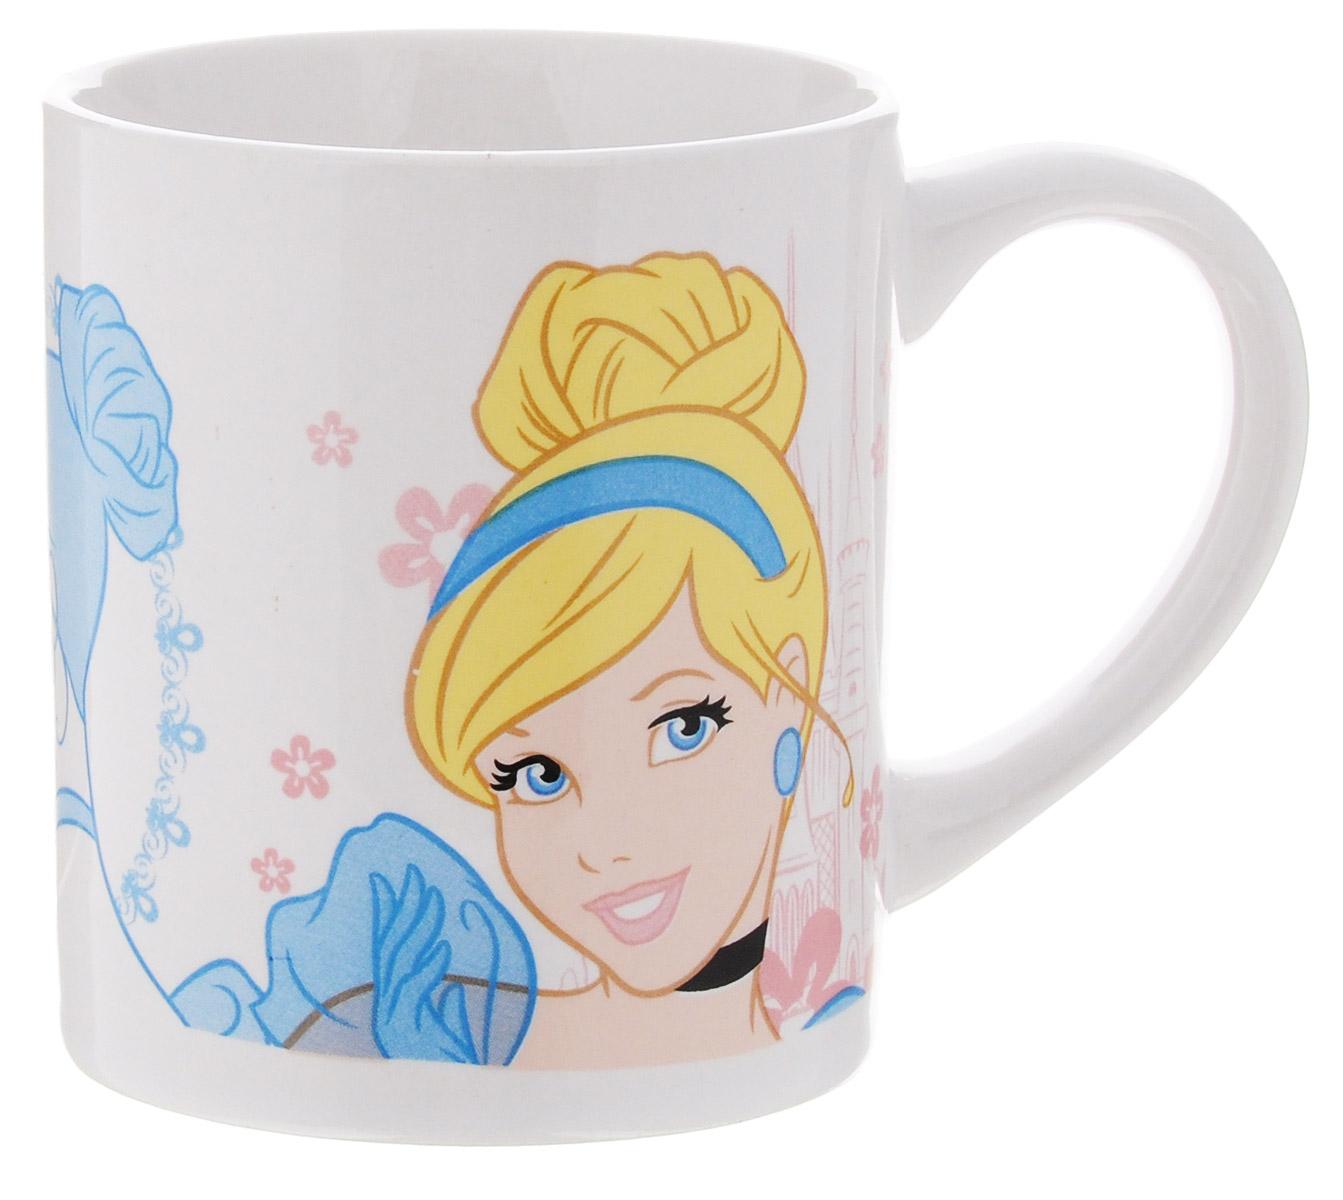 Disney Кружка детская Принцессы 210 мл70343Детская кружка Disney Принцессы с любимыми героями станет отличным подарком для вашего ребенка. Она выполнена из керамики и оформлена изображением диснеевской принцессы. Кружка дополнена удобной ручкой. Такой подарок станет не только приятным, но и практичным сувениром: кружка будет незаменимым атрибутом чаепития, а оригинальное оформление кружки добавит ярких эмоций и хорошего настроения. Можно использовать в СВЧ-печи и посудомоечной машине.